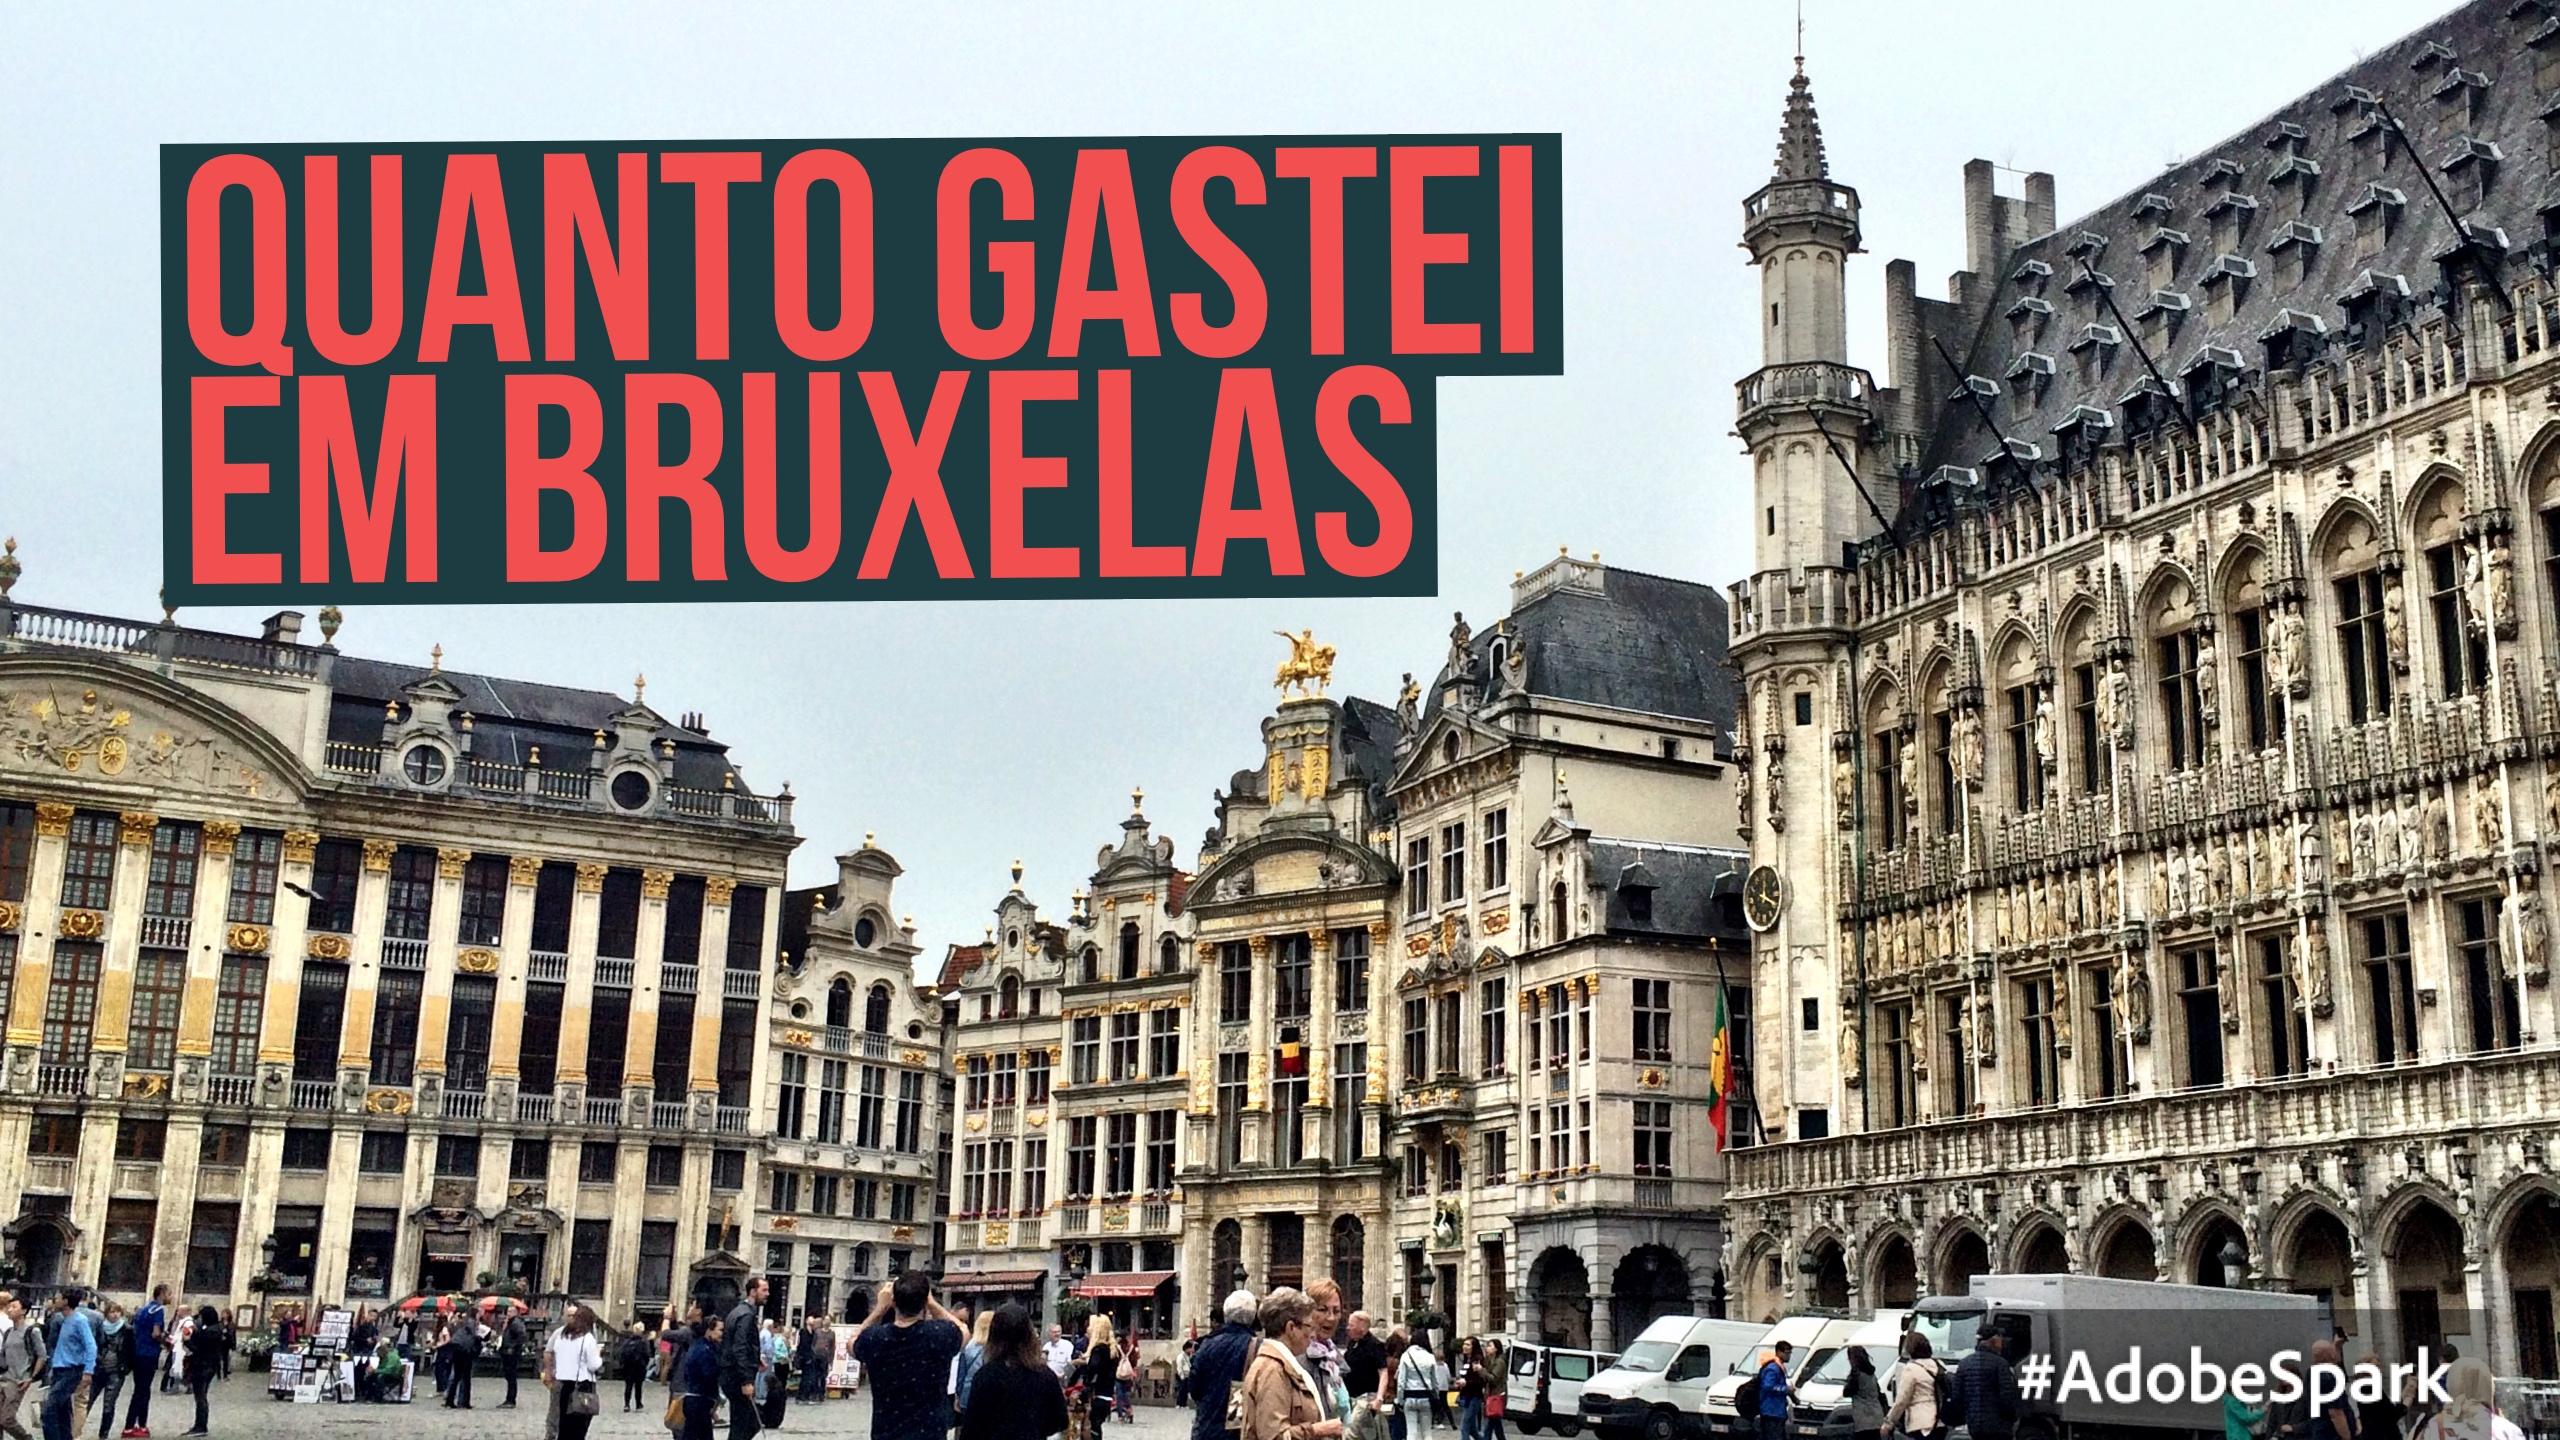 10 horas em Bruxelas – Quanto custou?